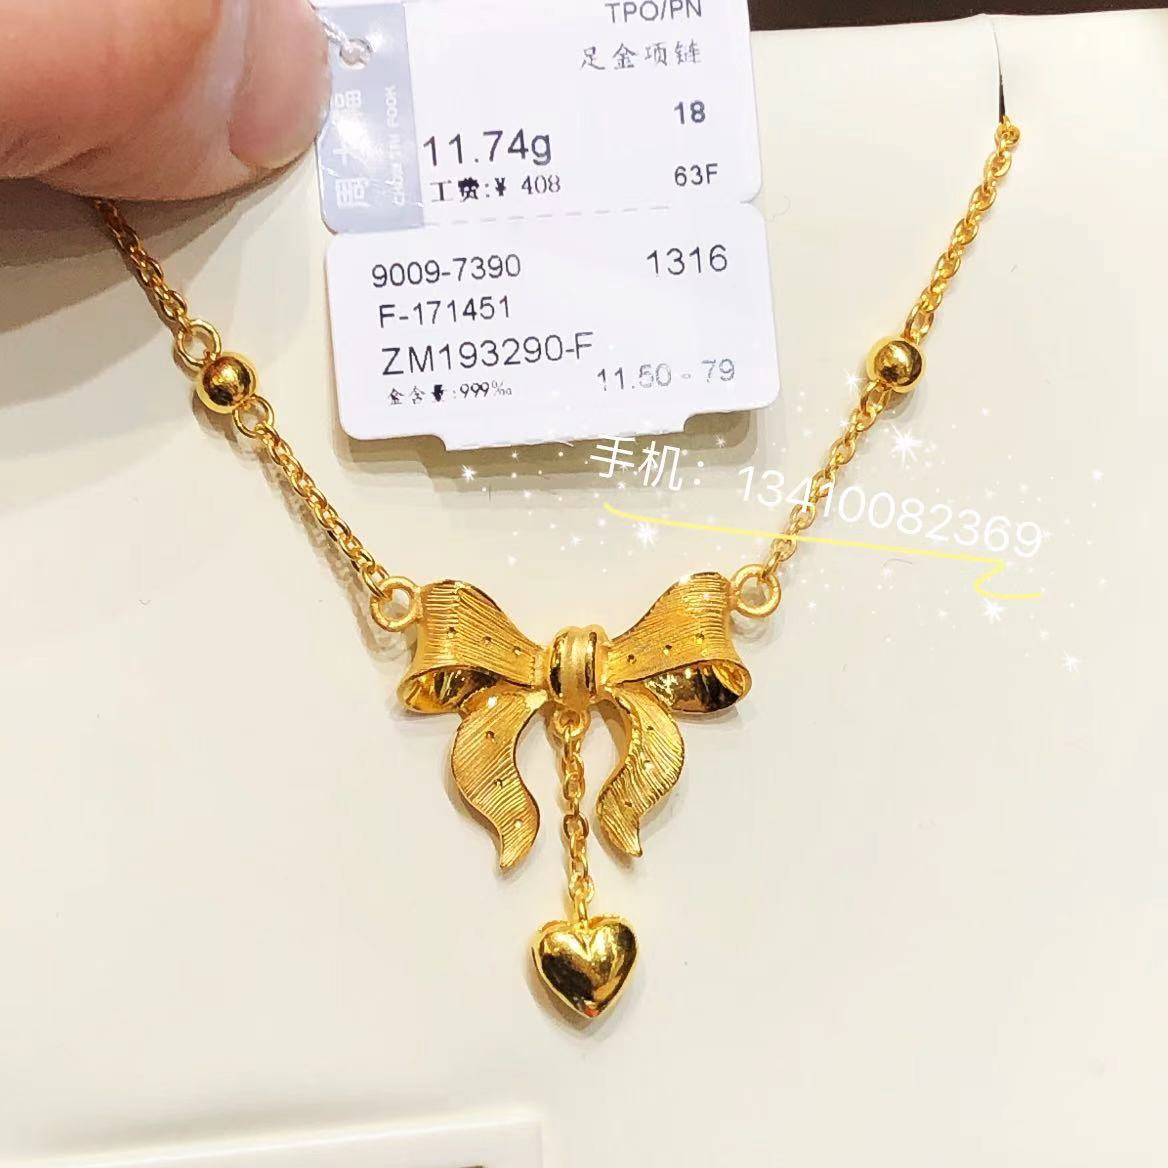 ขายร้อนโจว Dafu โบว์ทอง สร้อยคอเจ้าหญิงหนึ่งโซ่ รัก999การกำหนดราคาทองสร้อยคอ เคาน์เตอร์ของแท้